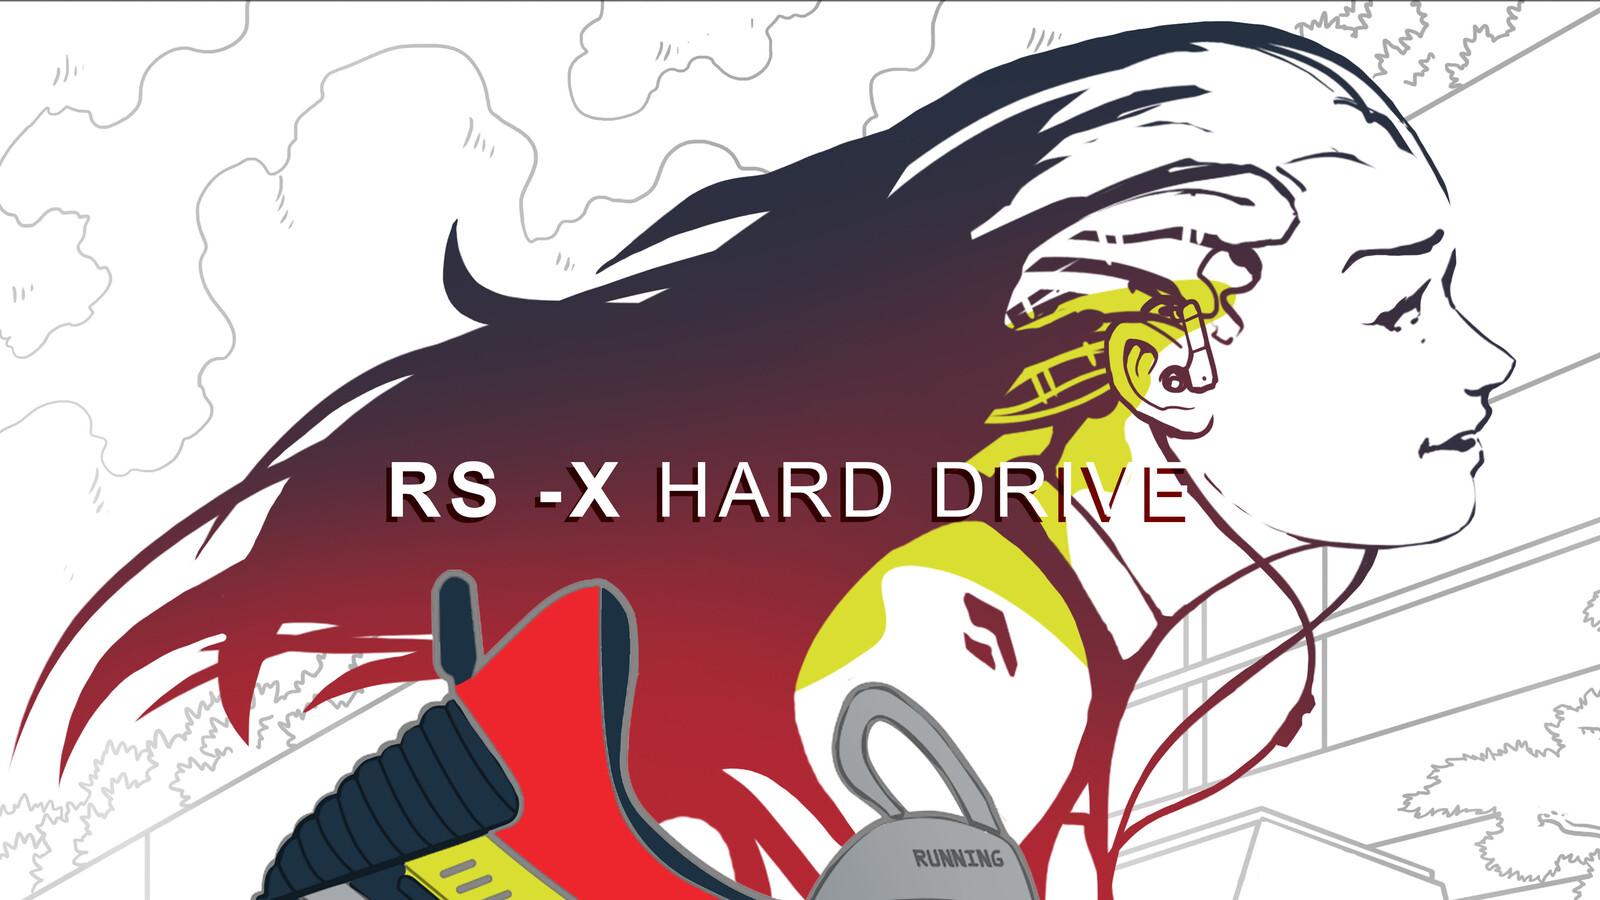 RSX Hard drive